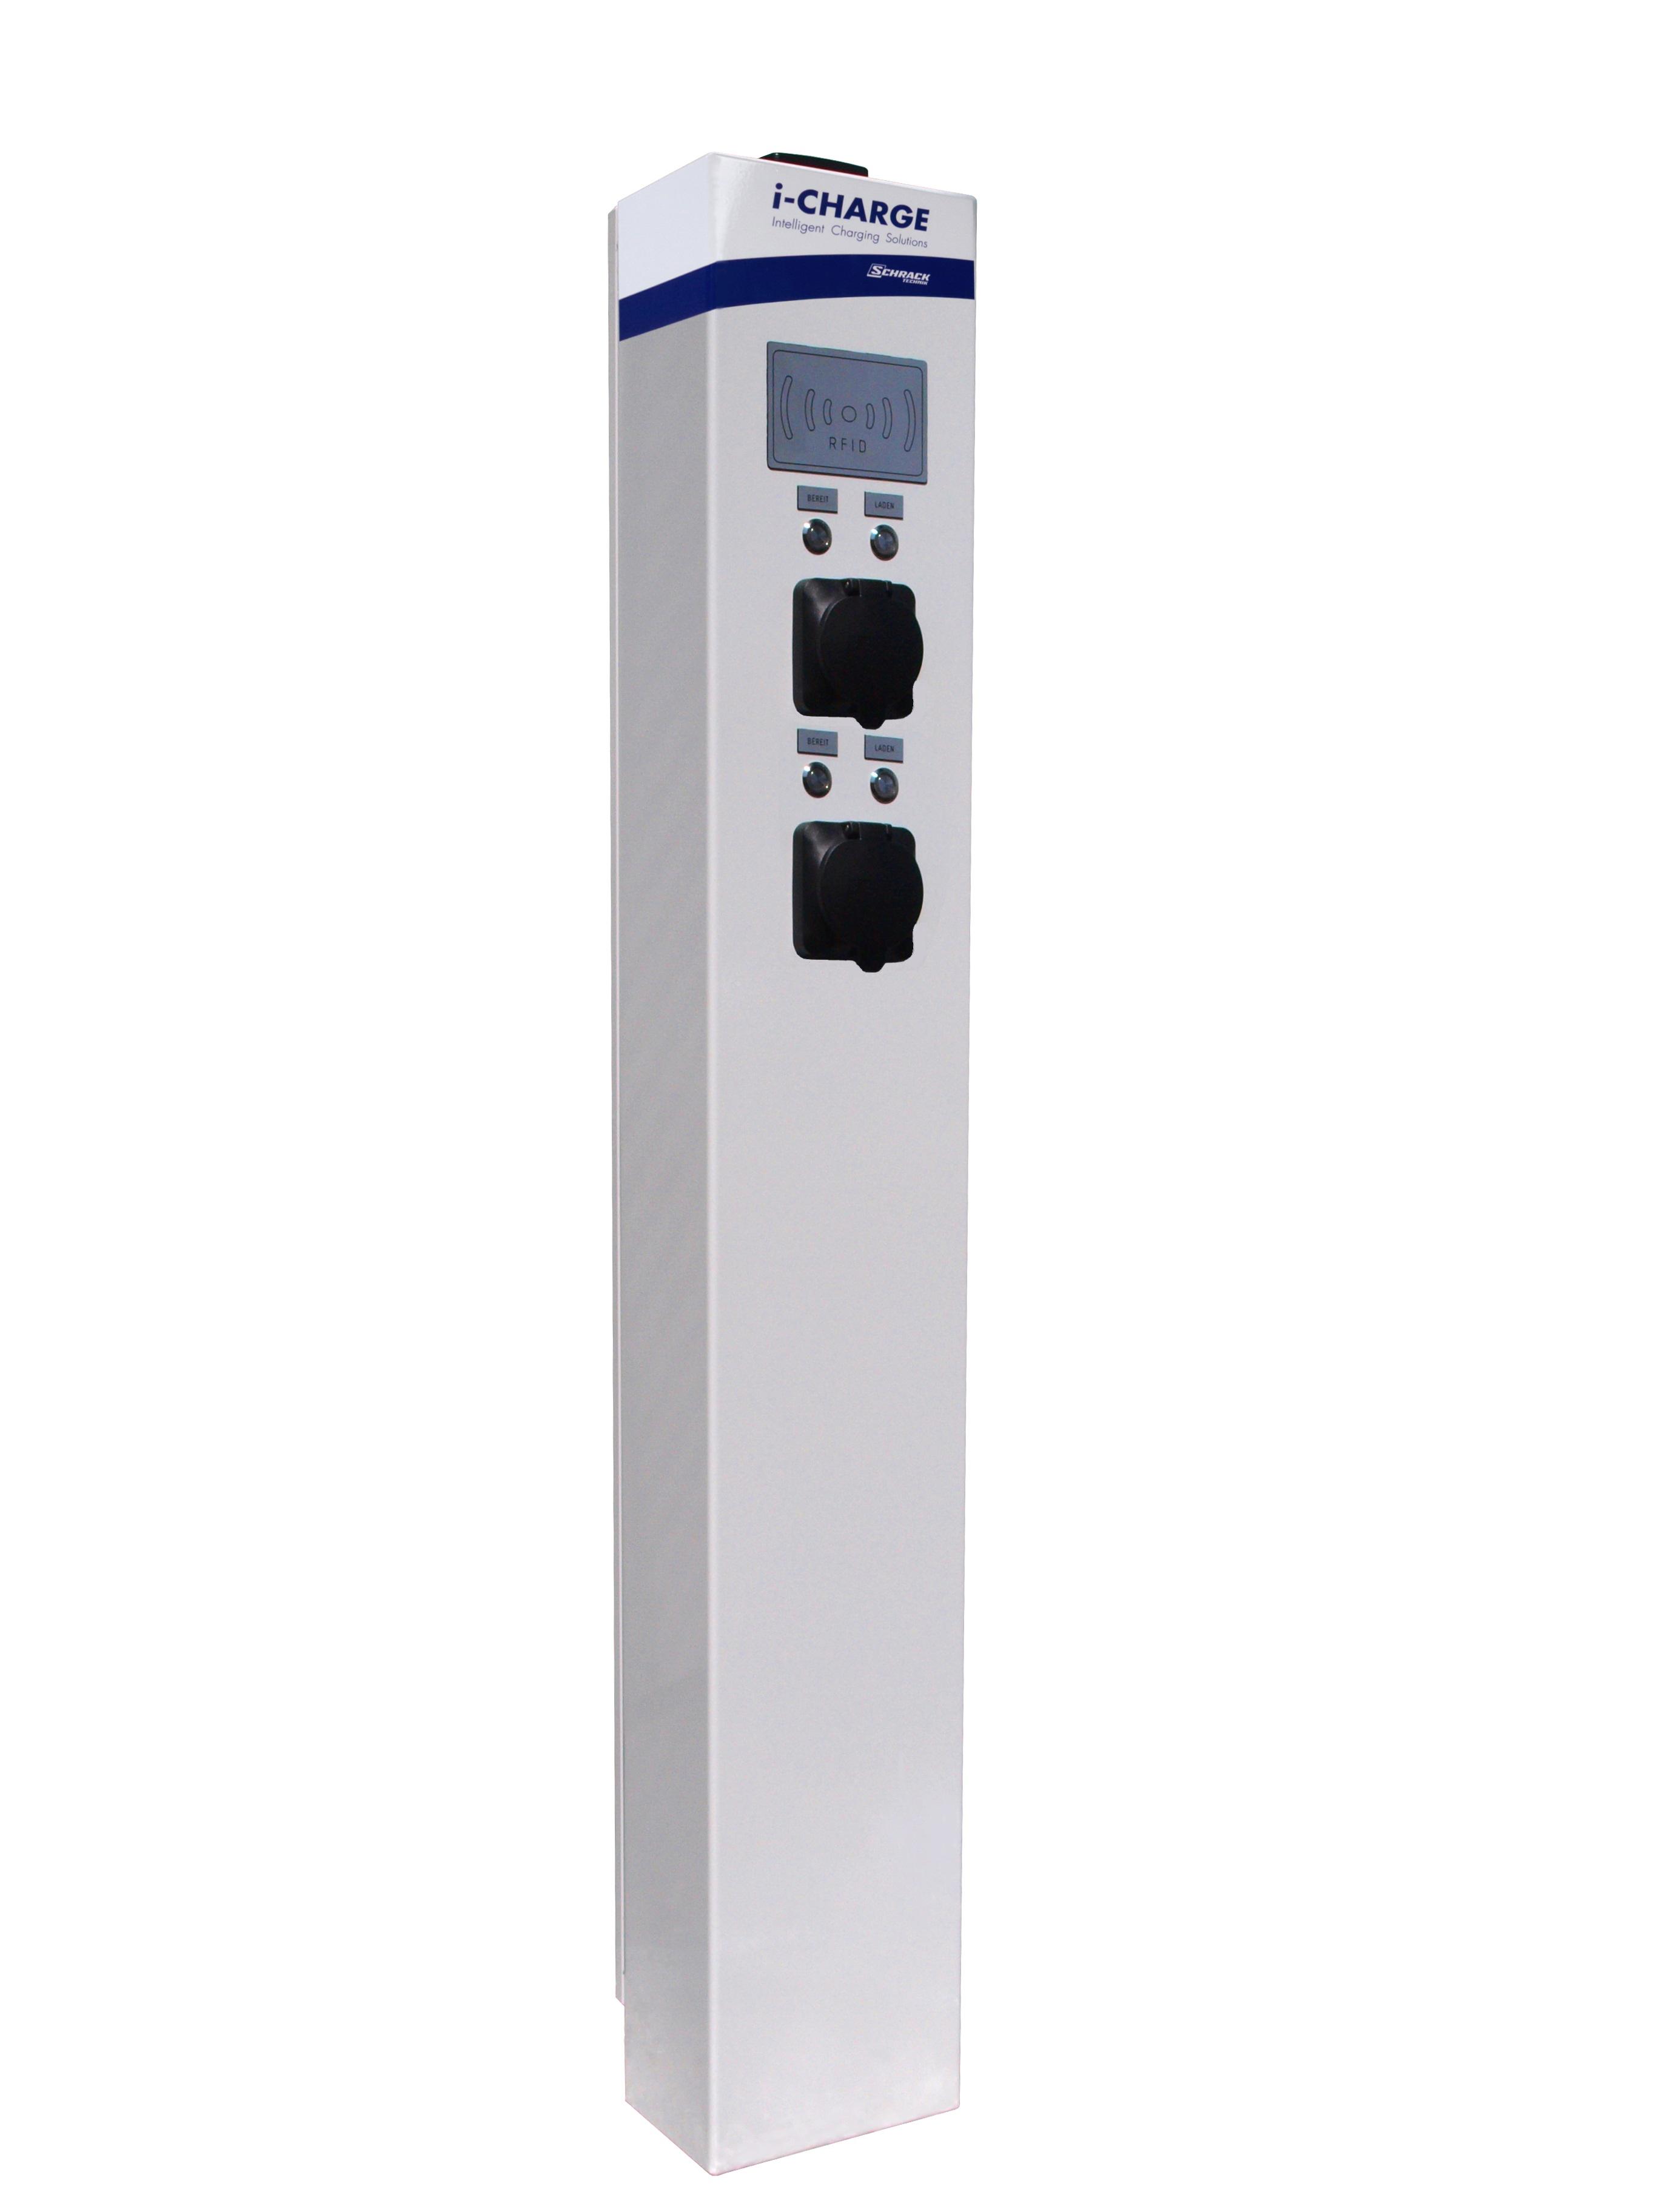 1 Stk i-CHARGE PUBLIC 200 2xTyp2 11kW, Edelstahl, LS FI, online EMPUB027O-